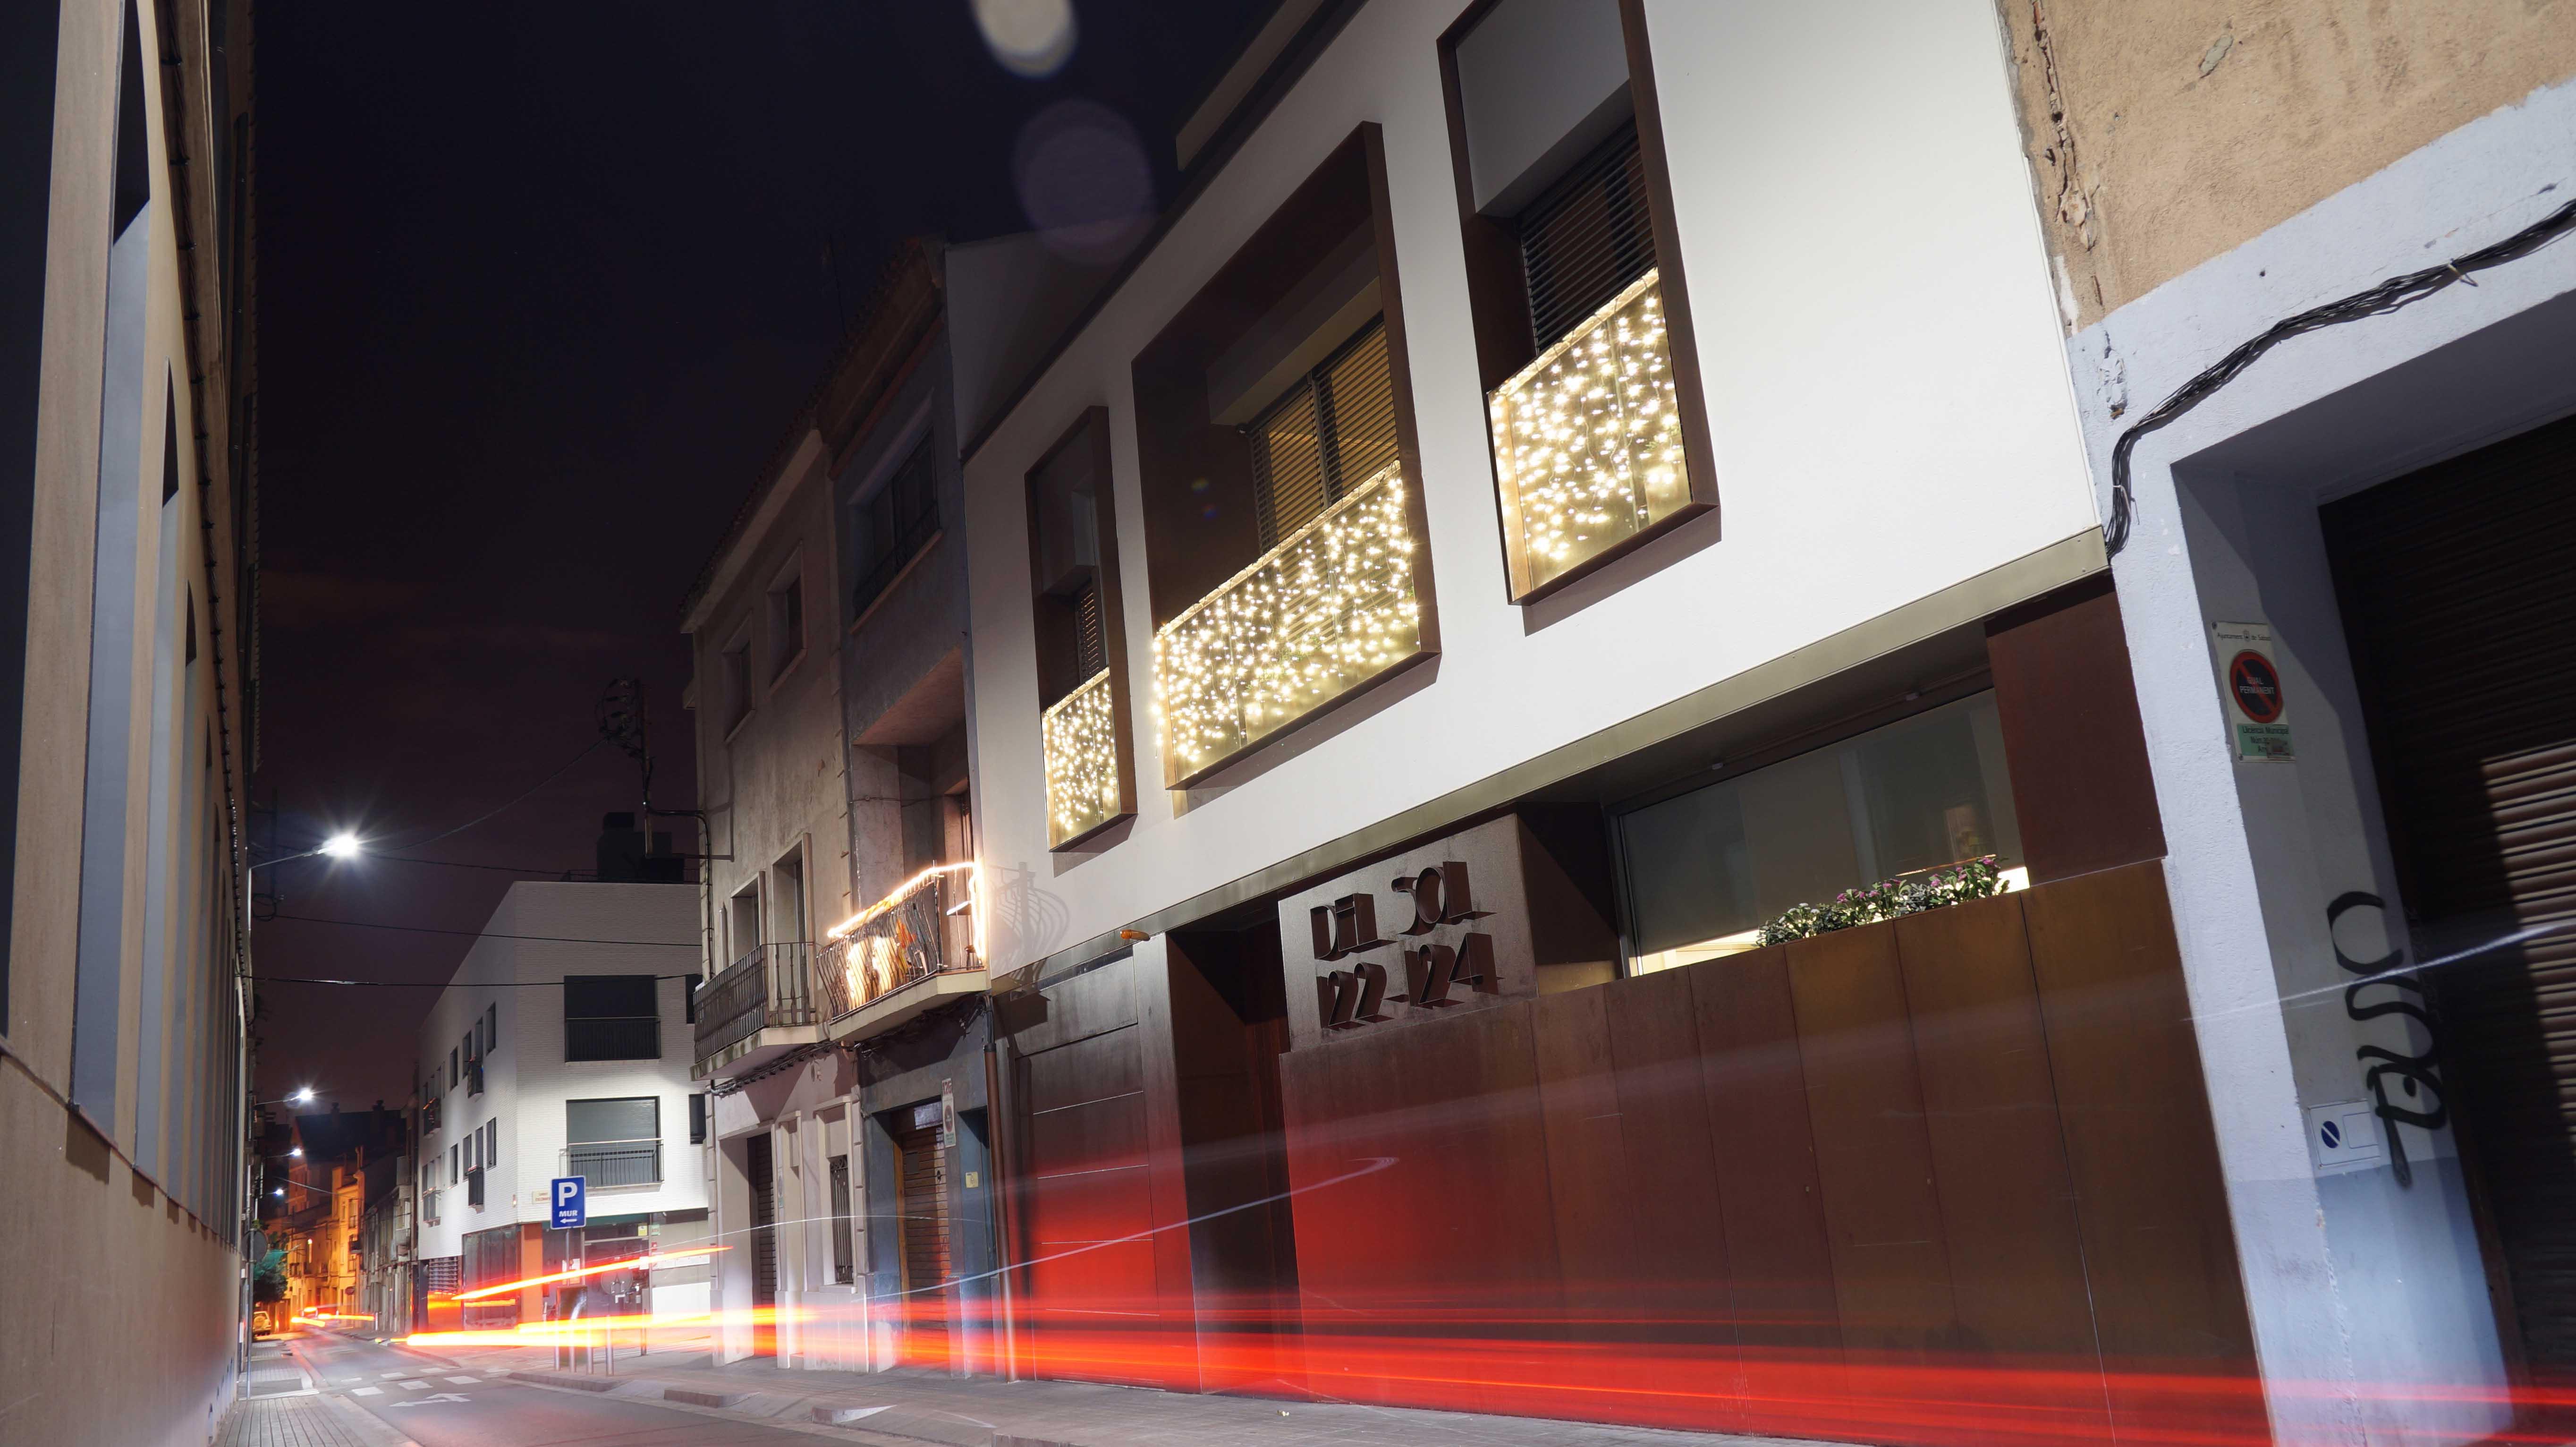 Vivienda unifamiliar entre medianeras | Sabadell 2012